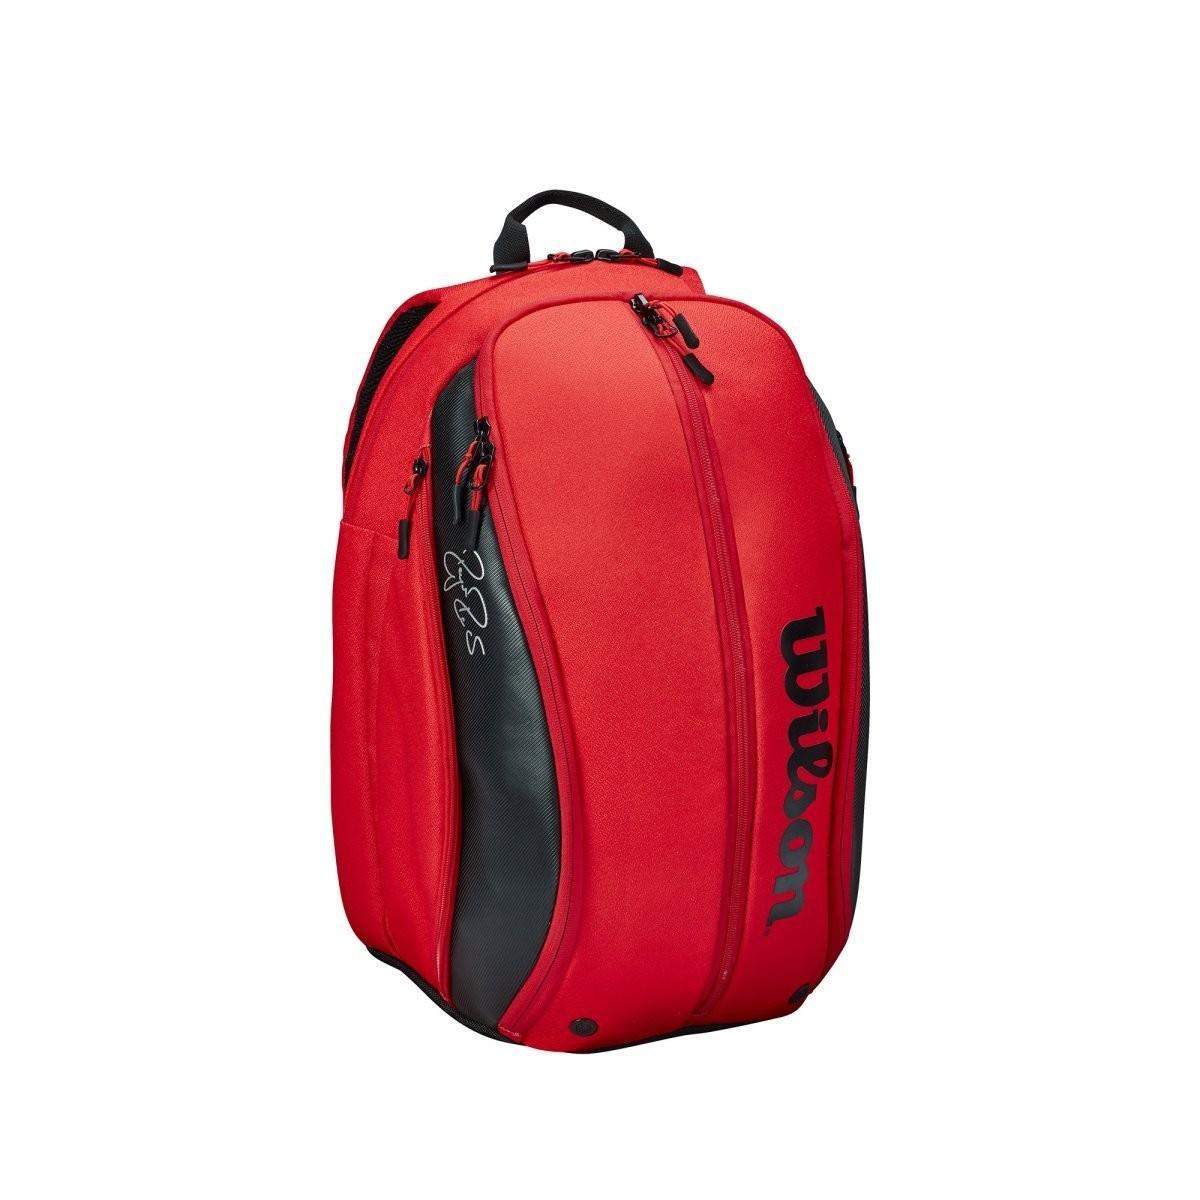 Теннисный рюкзак Wilson Federer DNA Backpack 2020 red